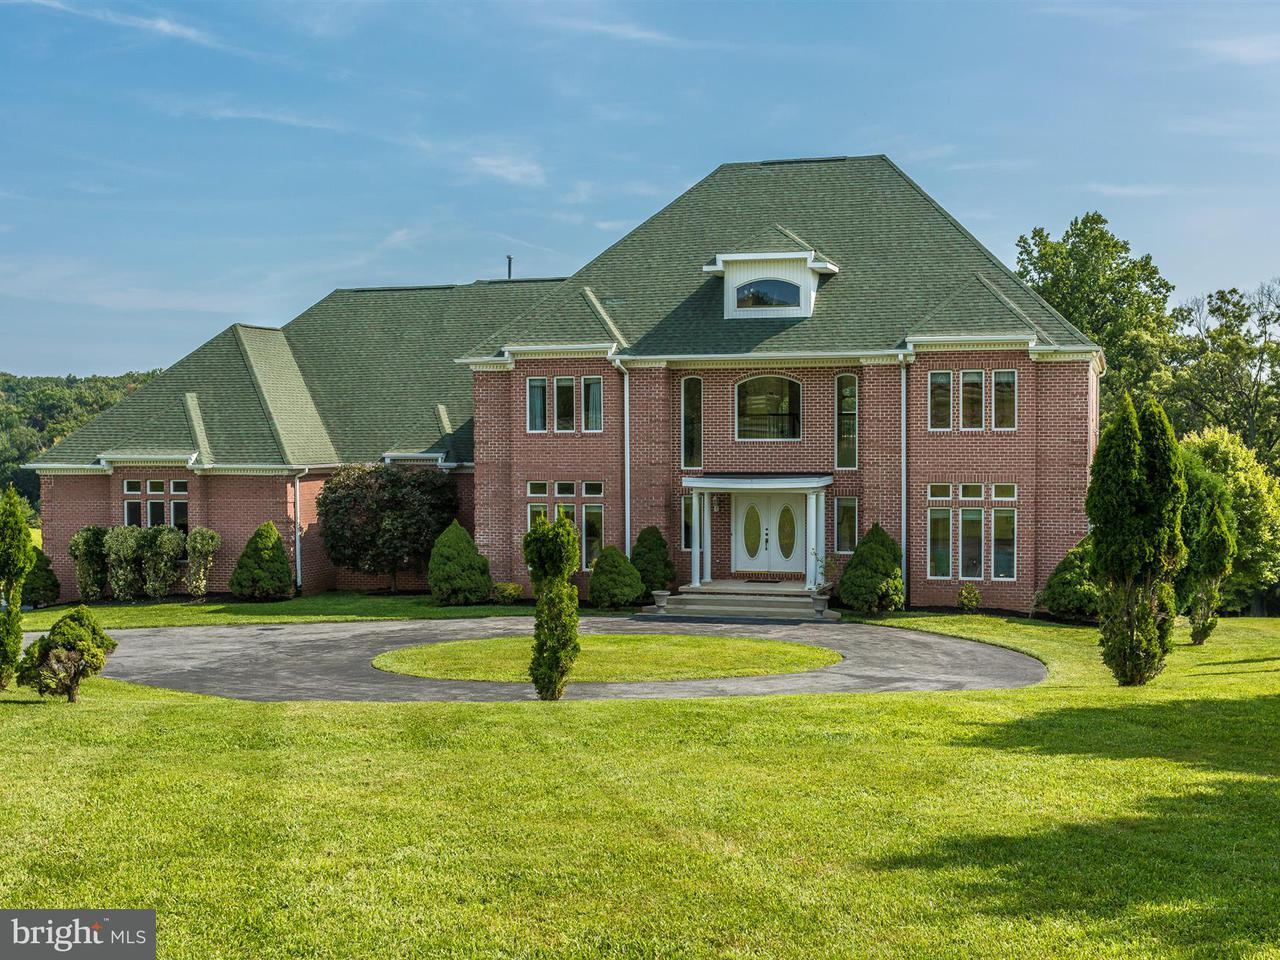 獨棟家庭住宅 為 出售 在 21001 SUGAR RIDGE TER 21001 SUGAR RIDGE TER Boyds, 馬里蘭州 20841 美國